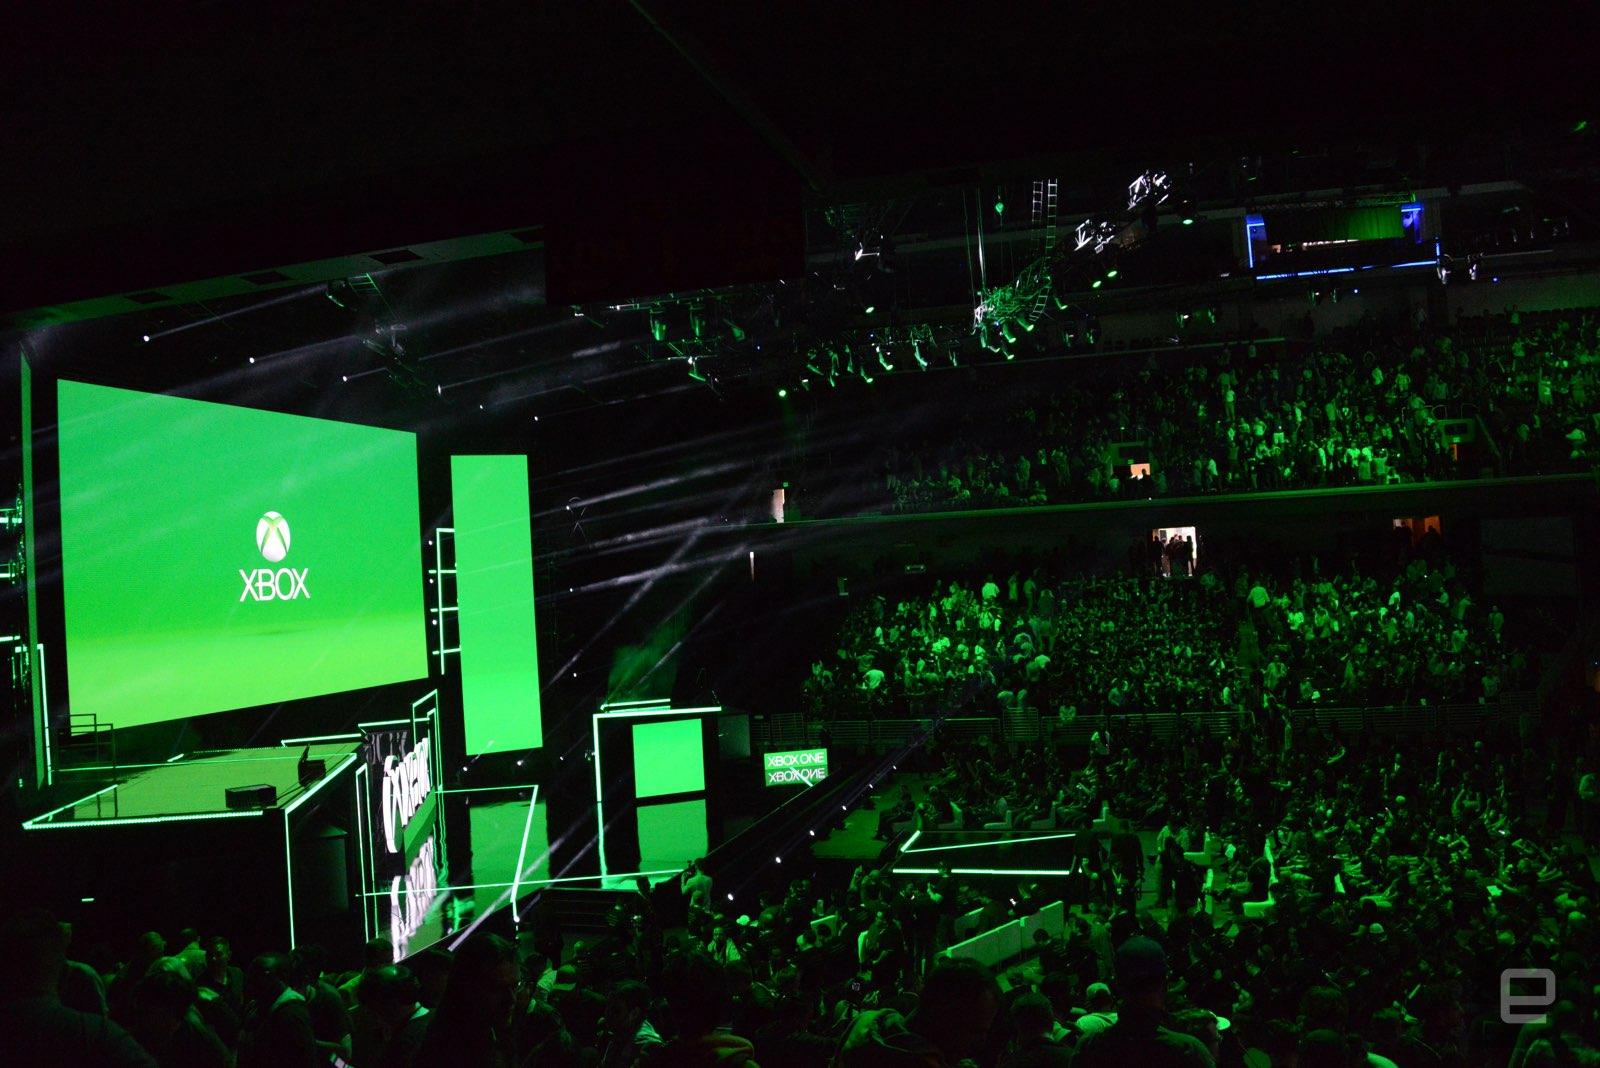 Entérate de todos los lanzamientos de Xbox con este resumen en vídeo